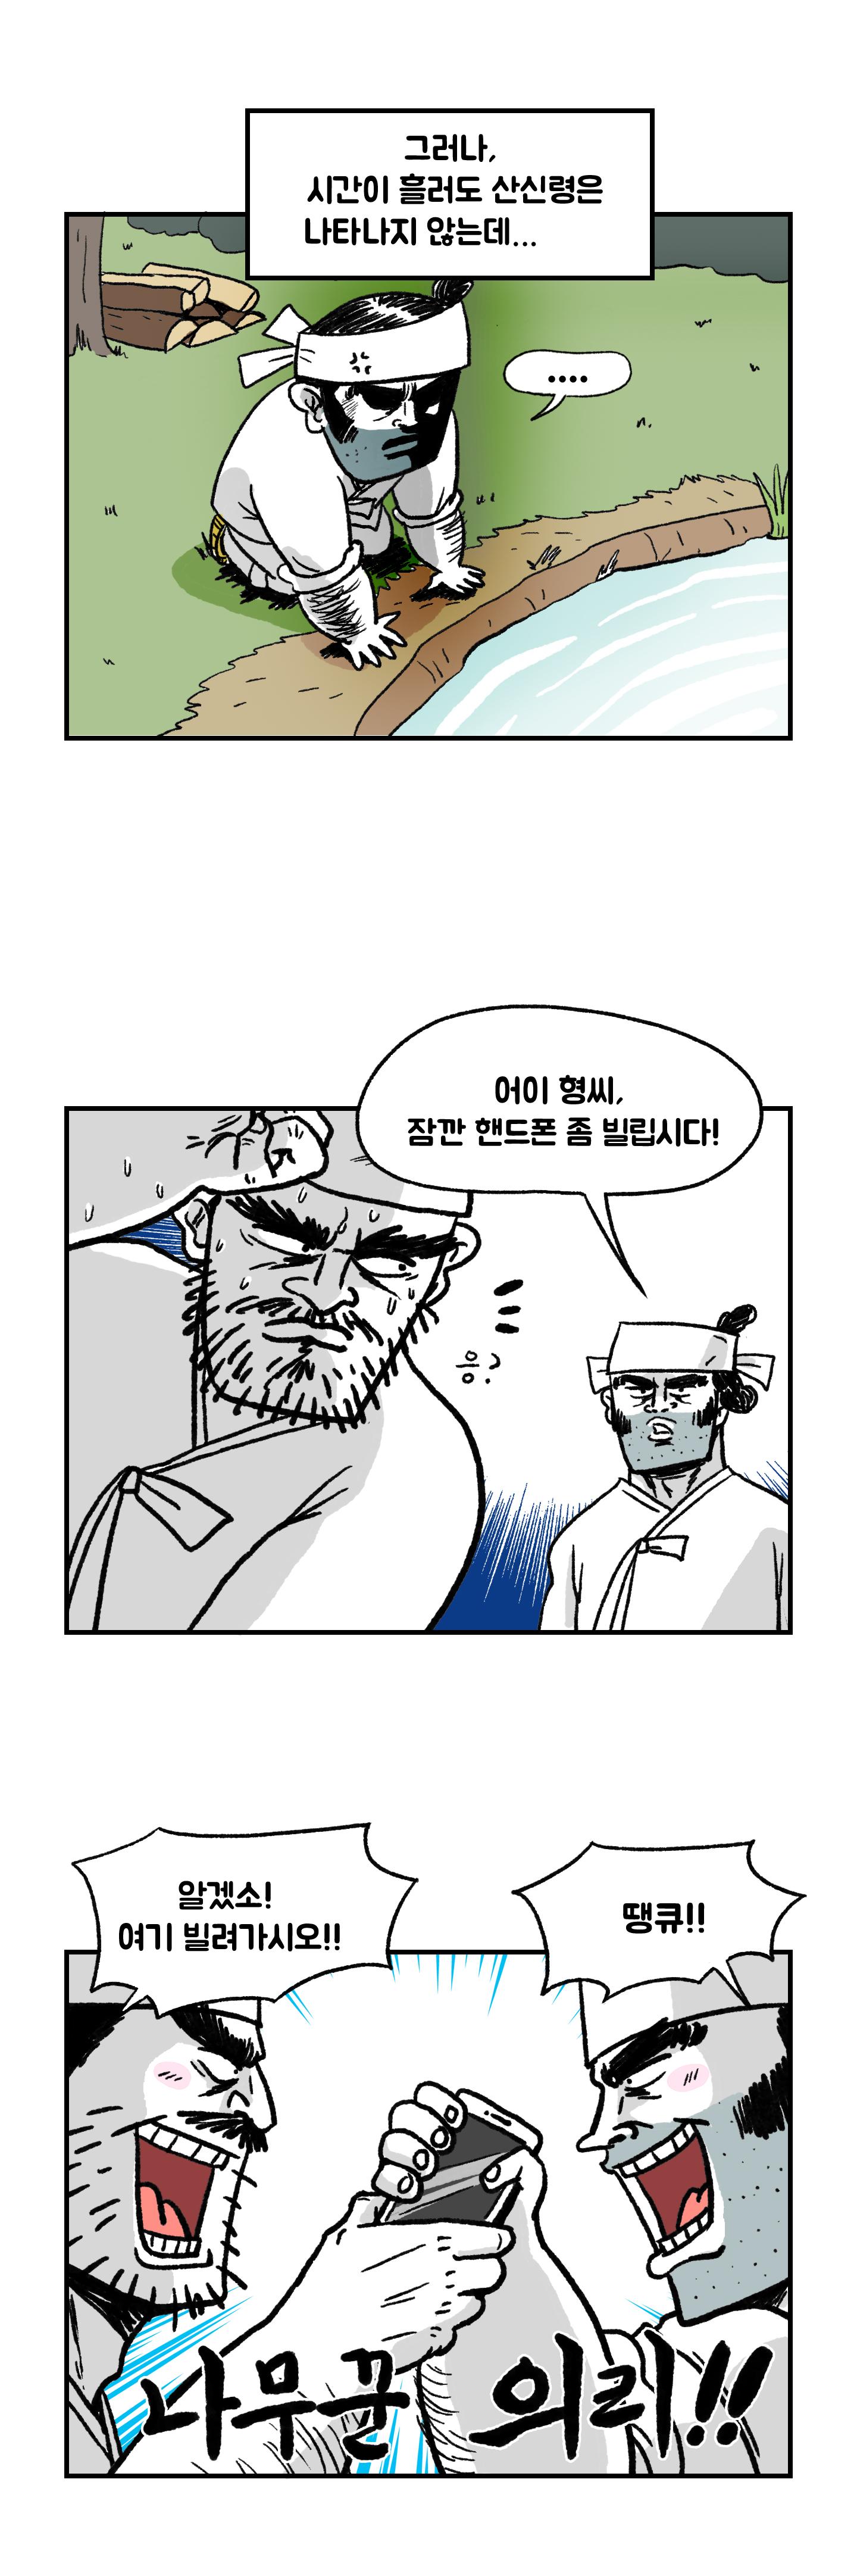 05화-금도끼은도끼-업로드_02